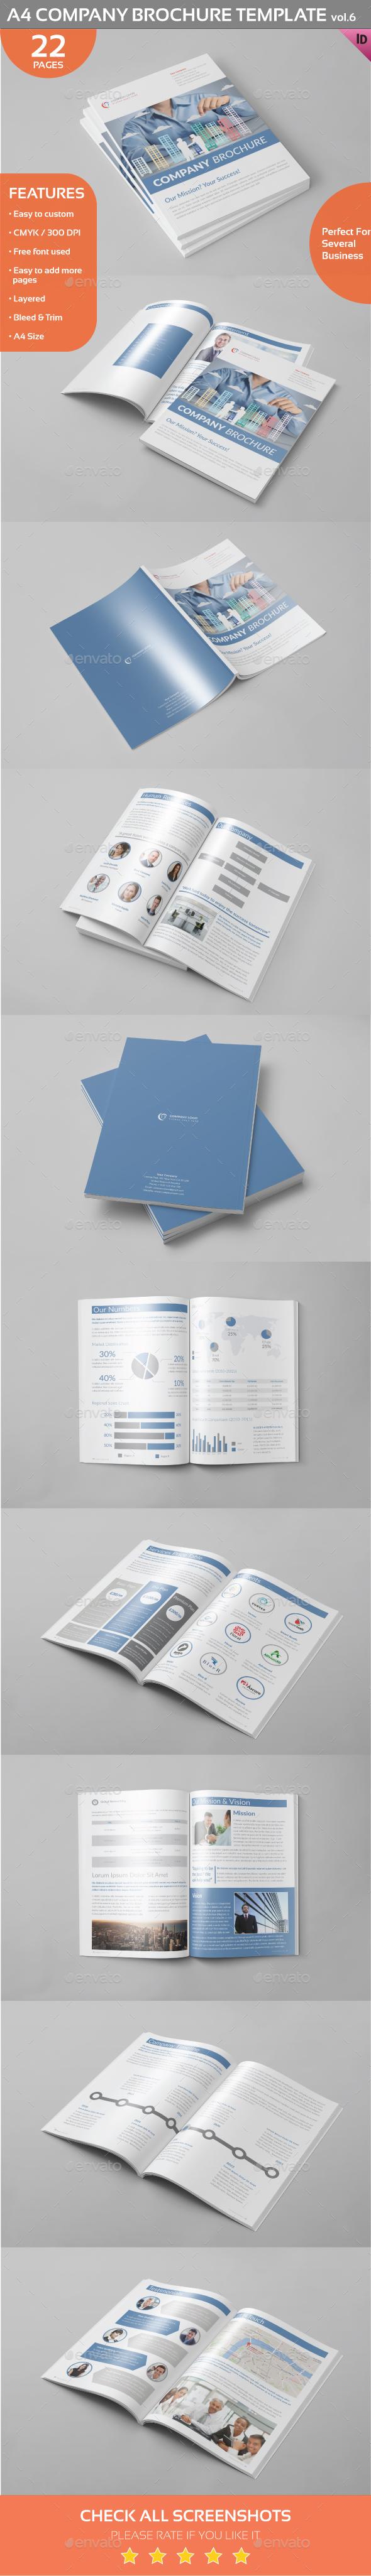 A4 Company Brochure Template vol.6 - Corporate Brochures